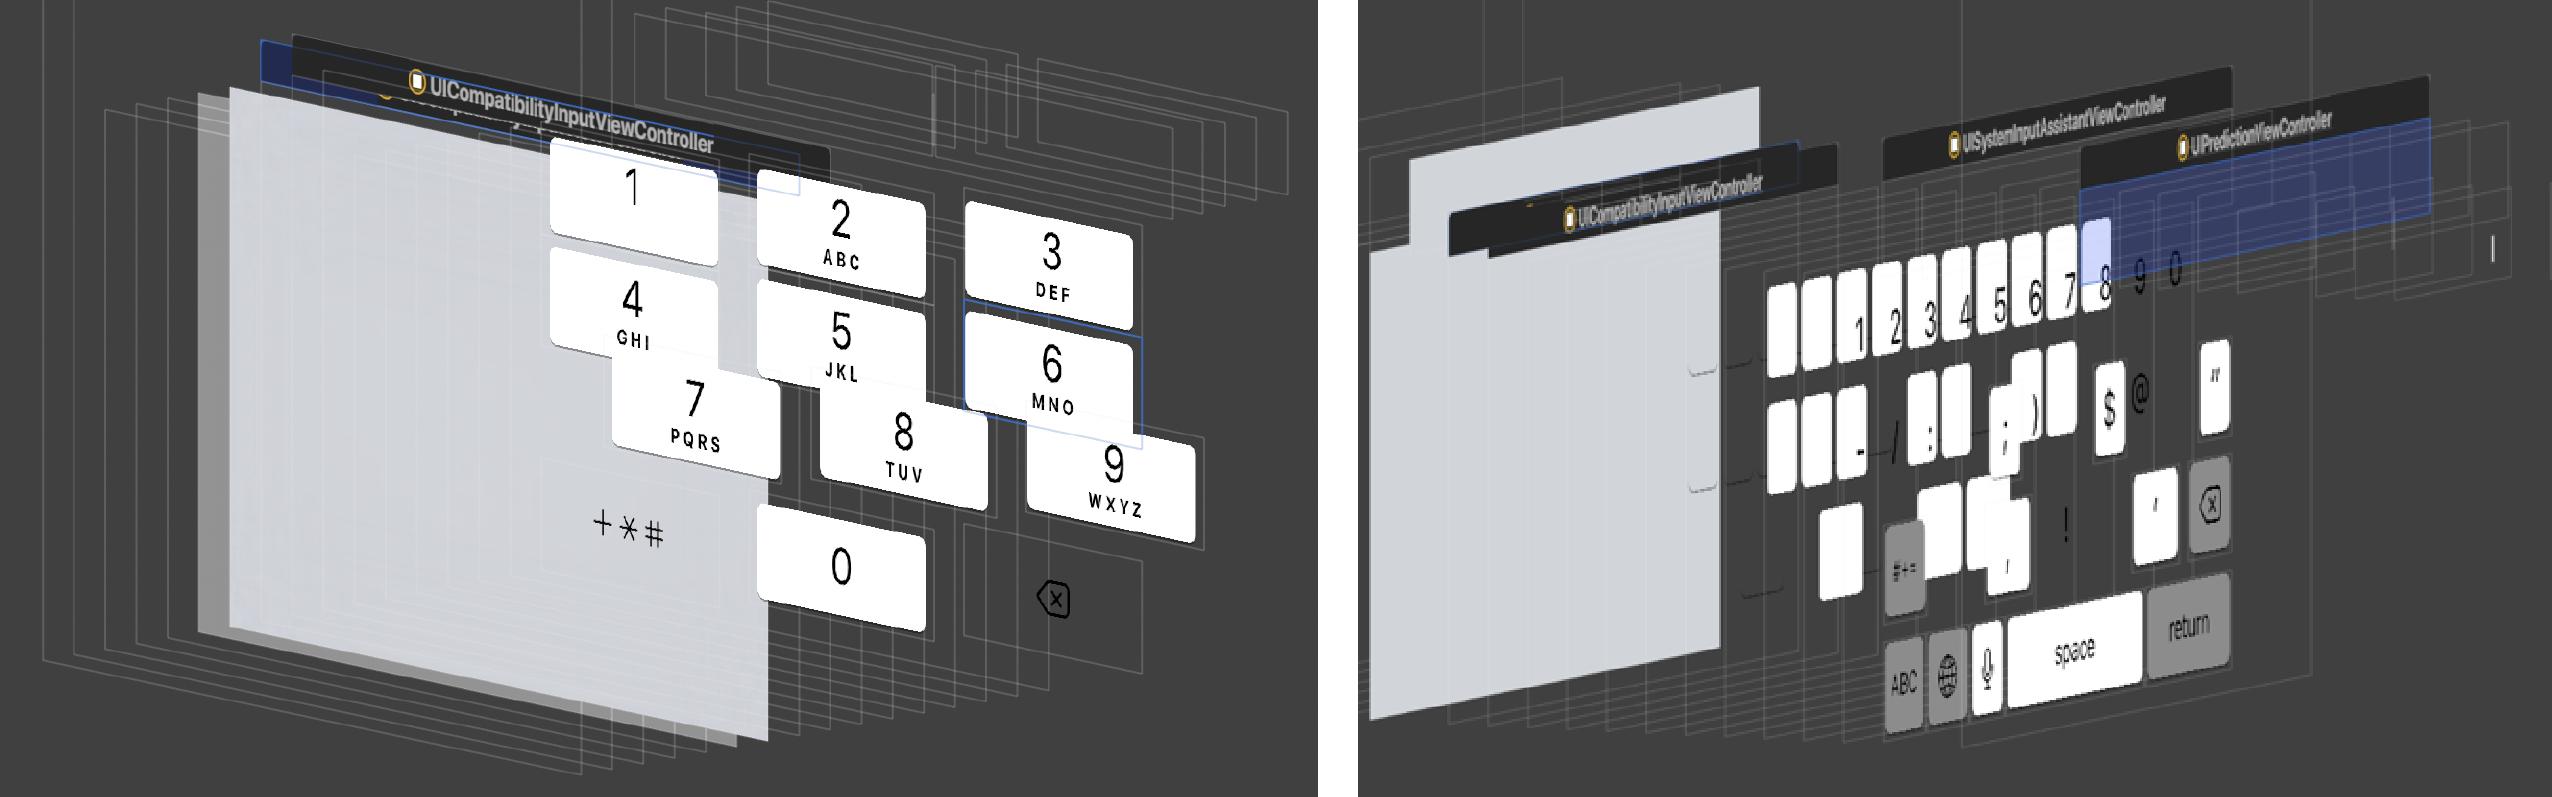 Исследуем баг iOS с помощью Hopper - 3